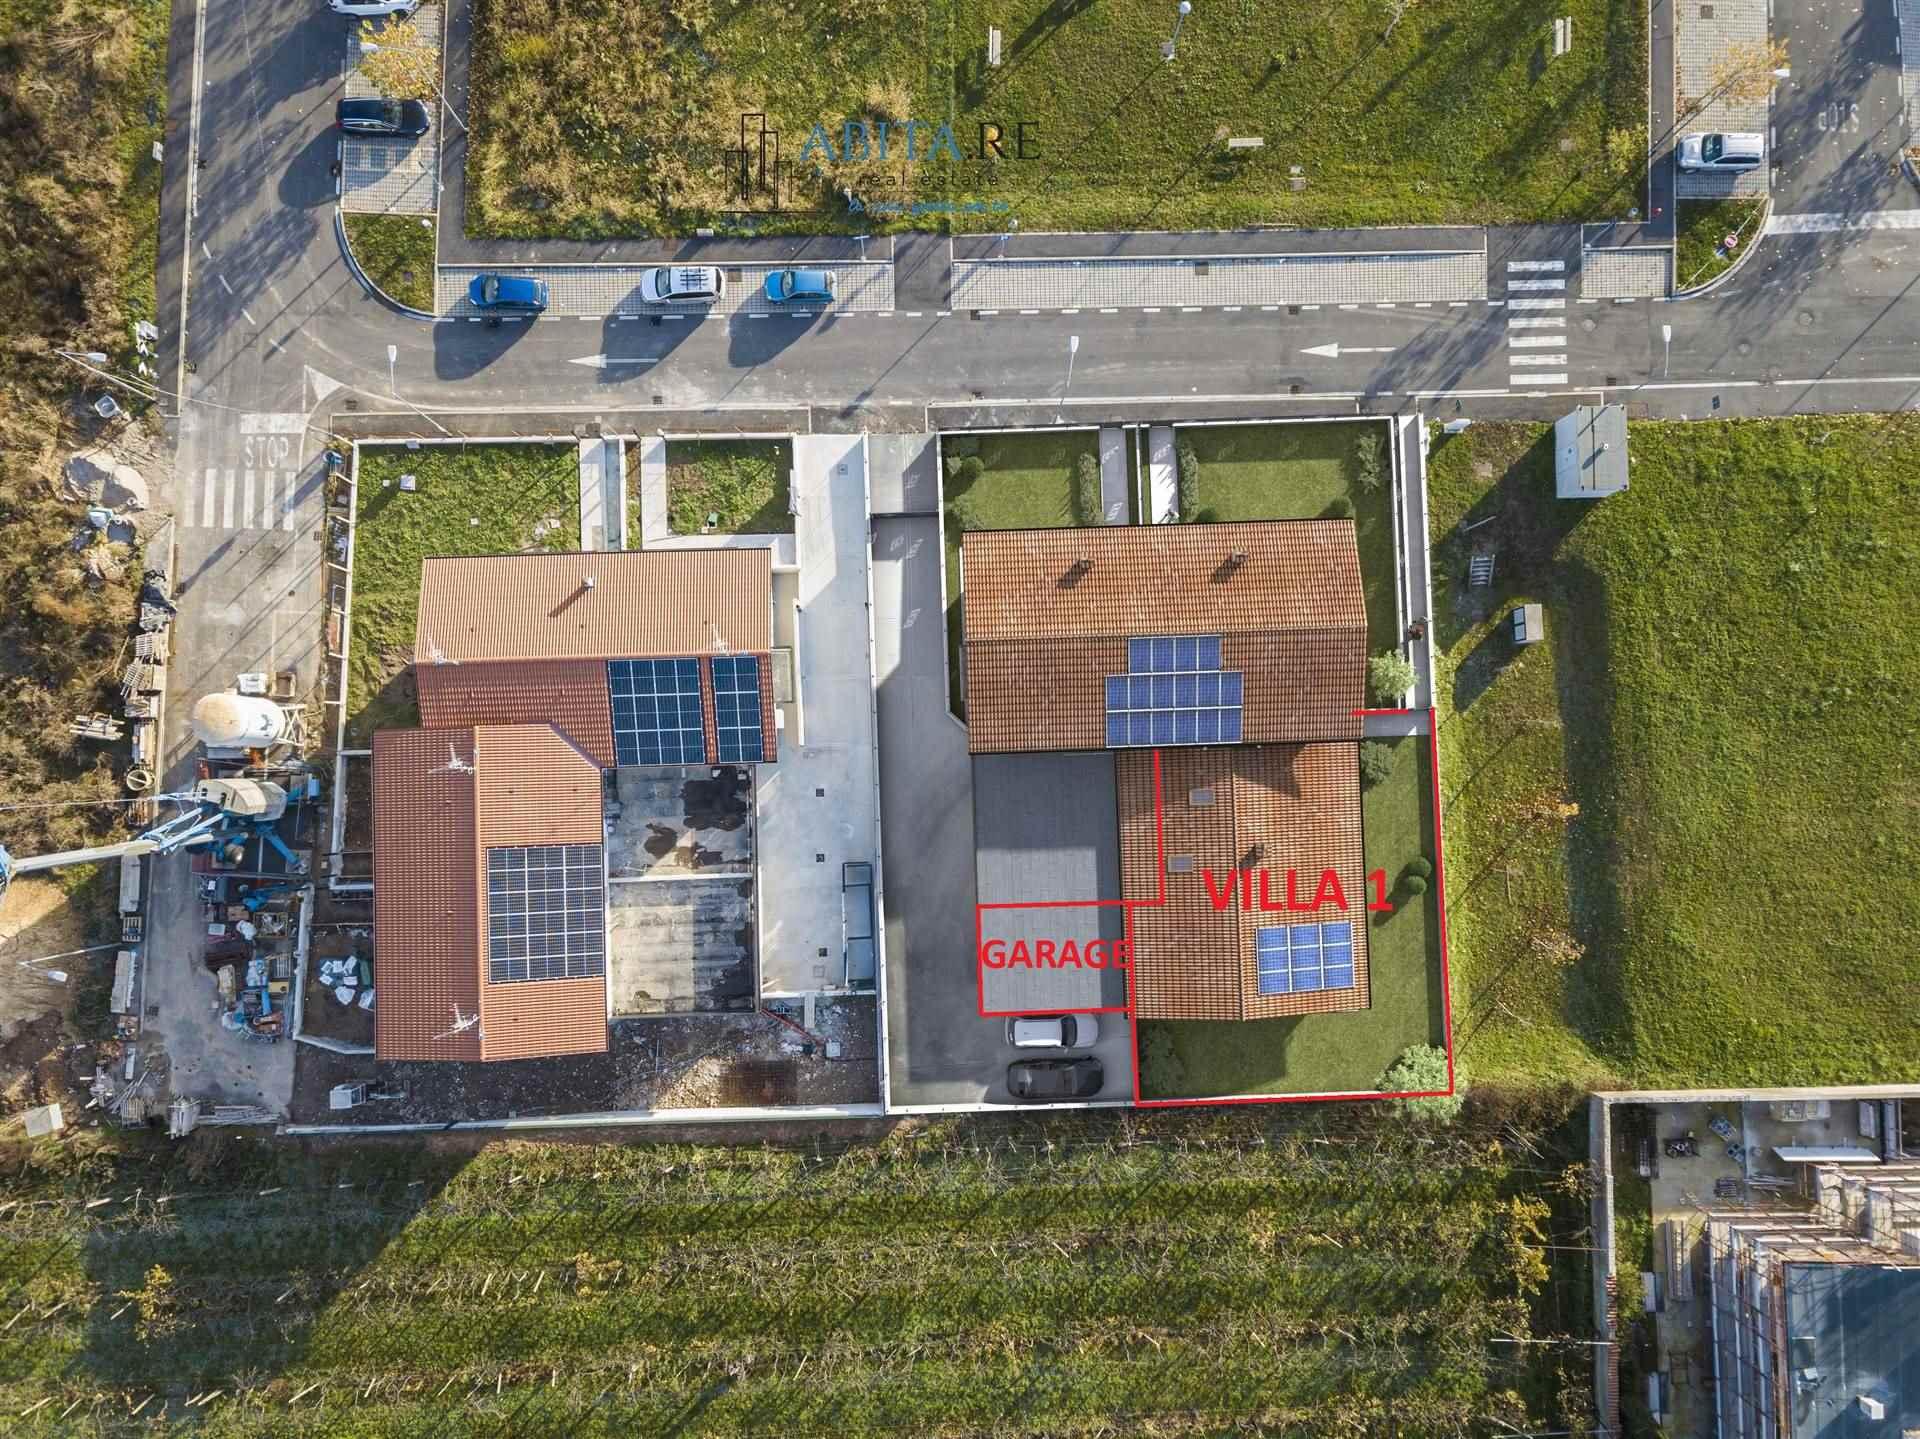 Villa in vendita a Colognola ai Colli, 4 locali, zona Località: STRA DI COLOGNOLA, prezzo € 335.000 | CambioCasa.it